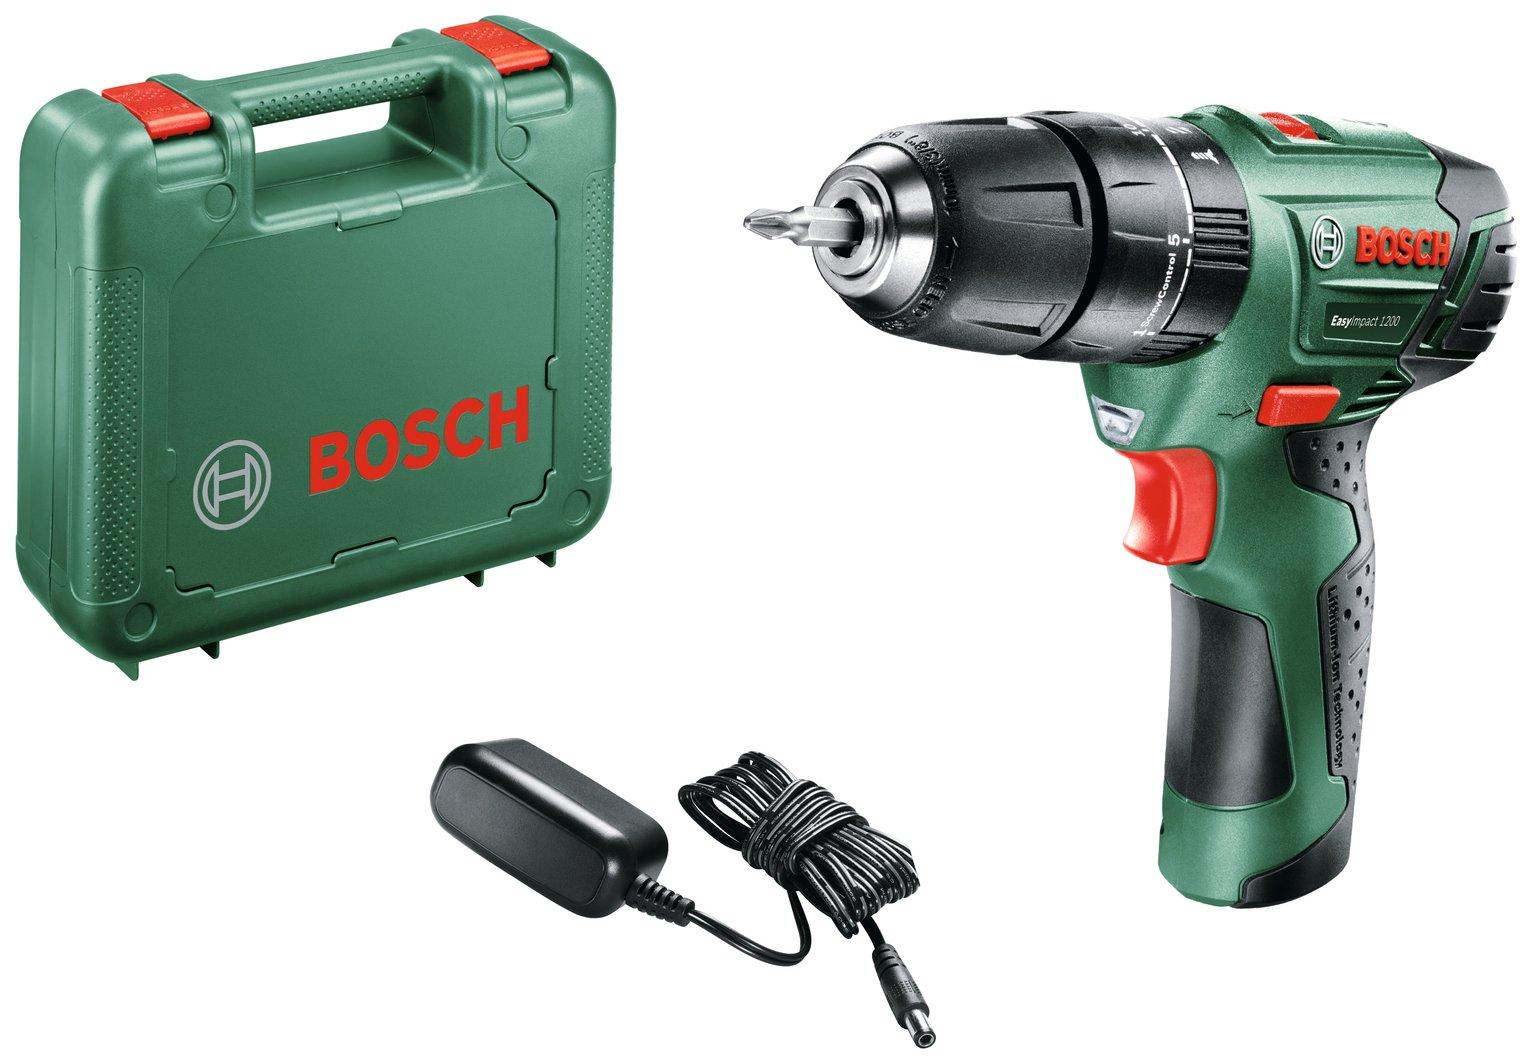 Bosch EasyImpact 1200 Cordless Drill - 12V